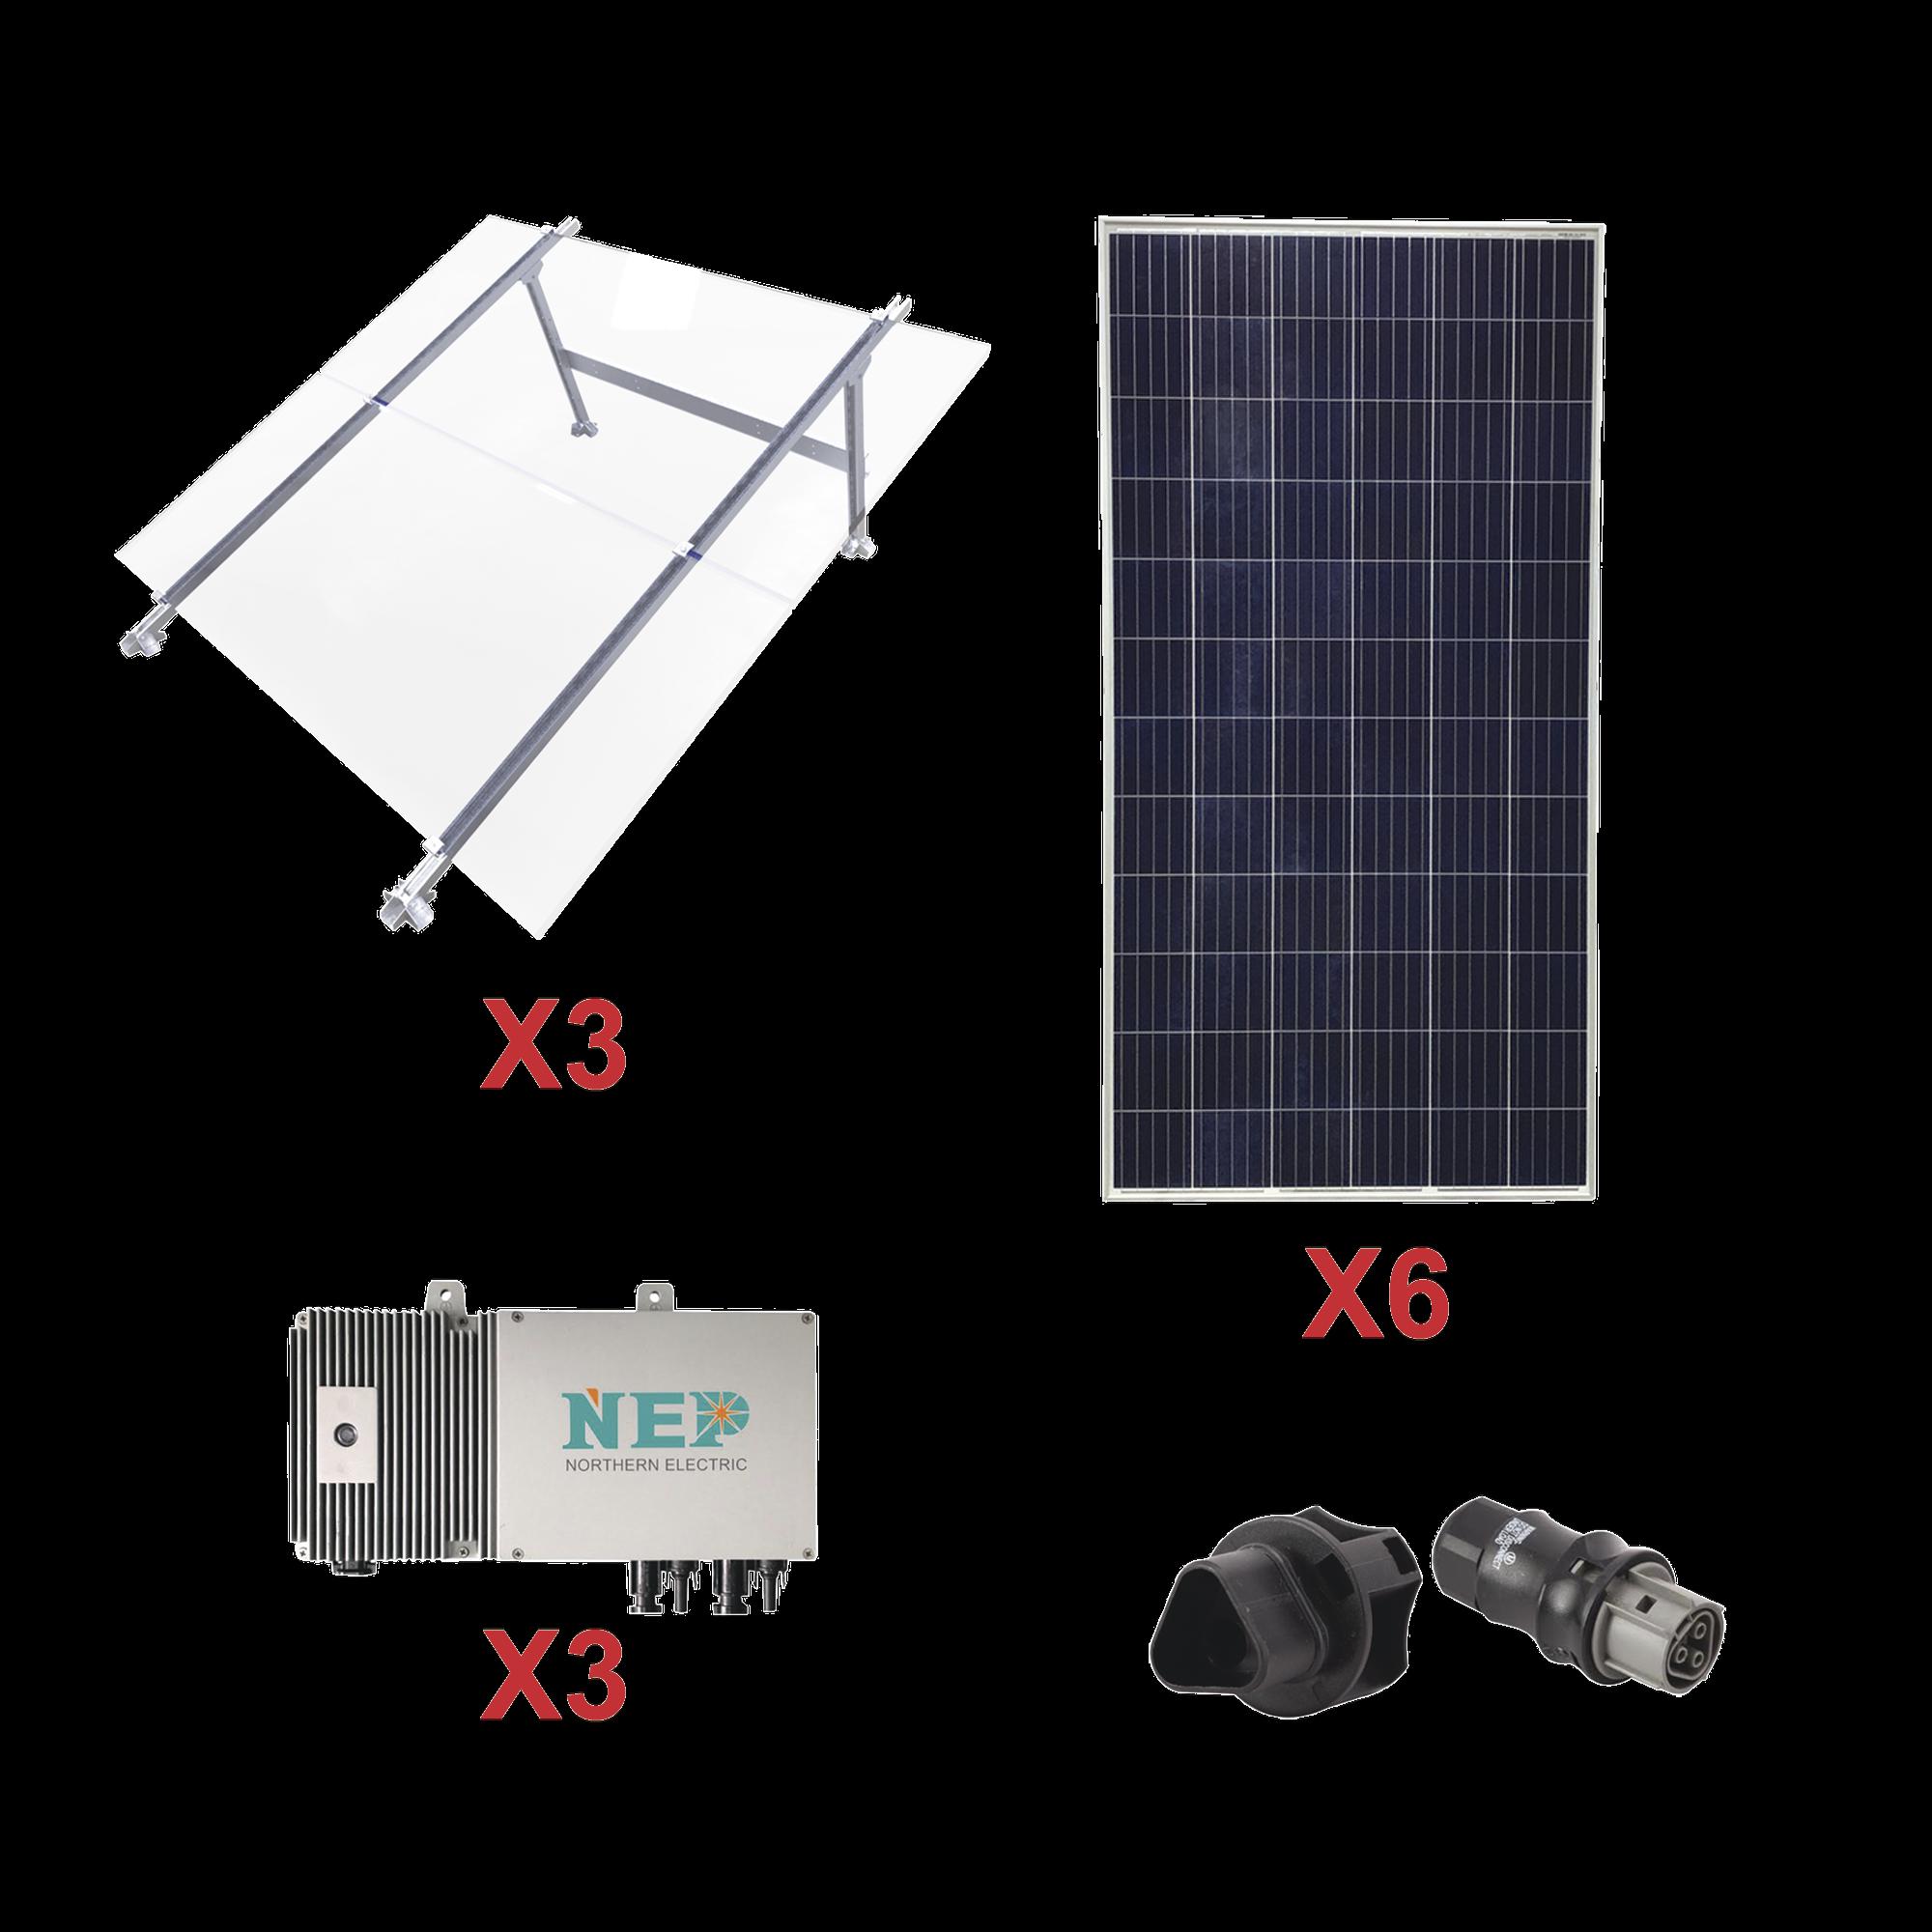 Kit Solar para Interconexión de 1.65 KW de Potencia, 220 Vca con Micro Inversores y Paneles Policristalinos.